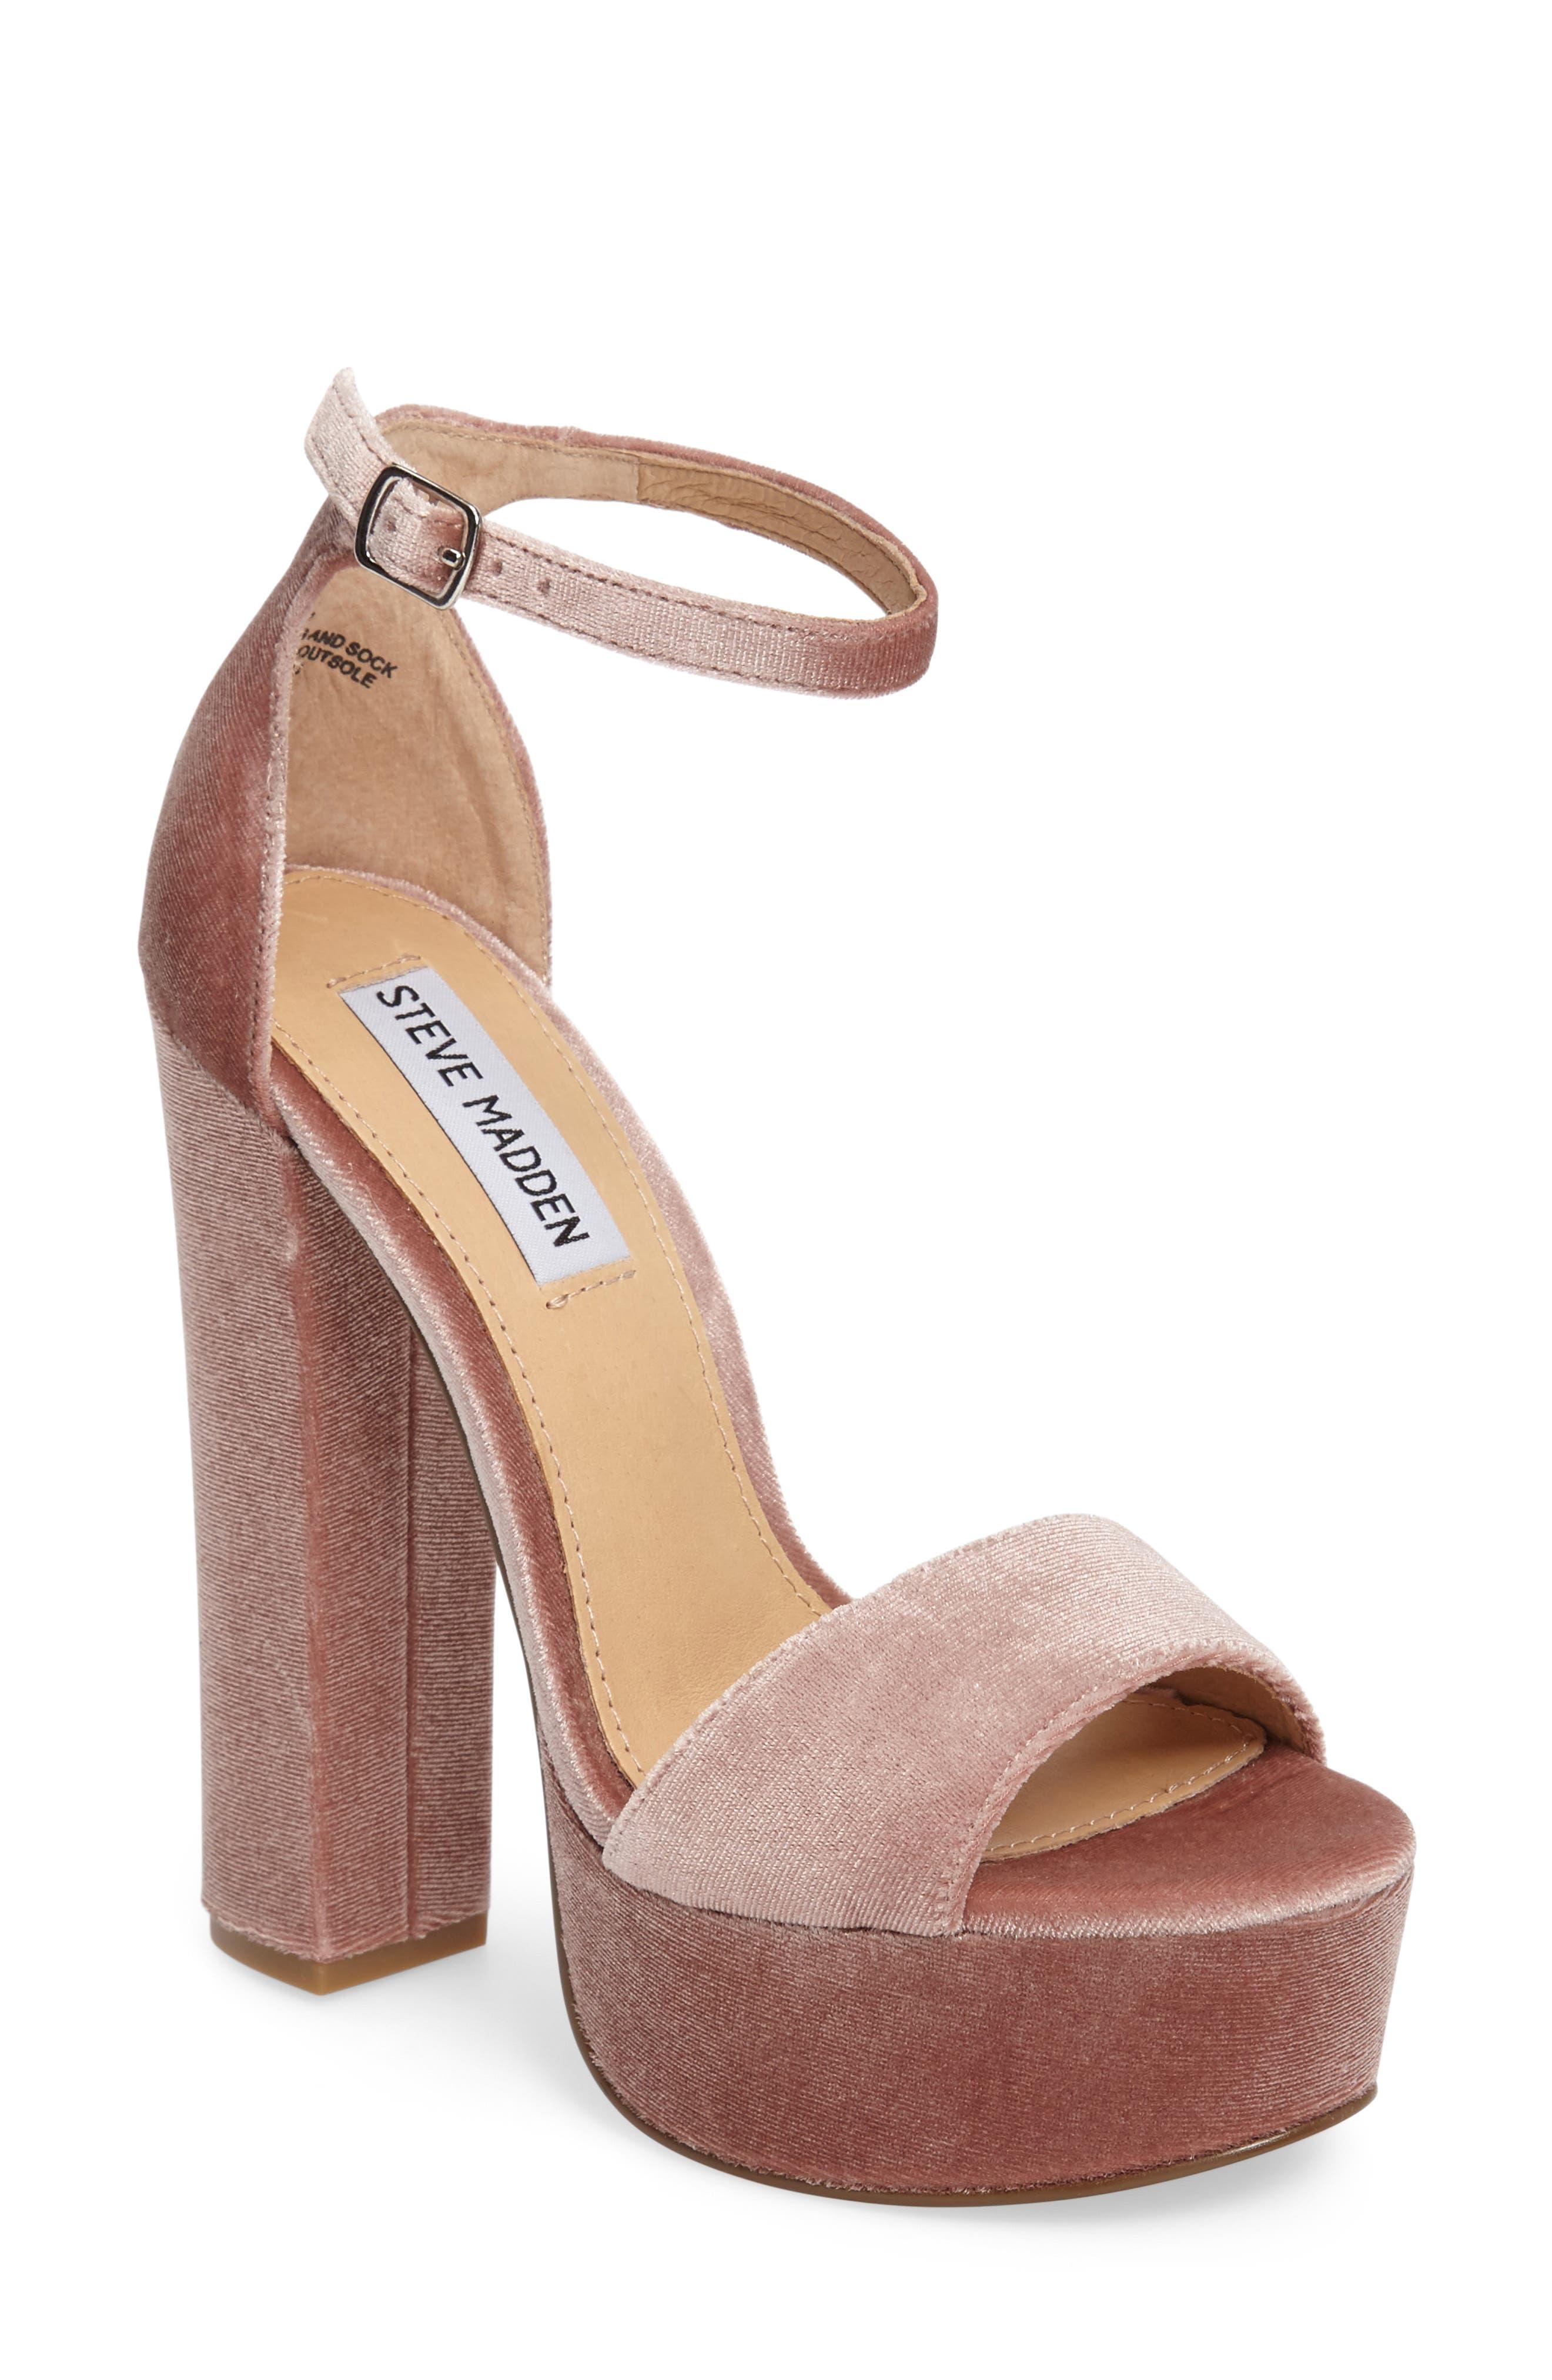 Main Image - Steve Madden Gonzo Platform Sandal (Women)